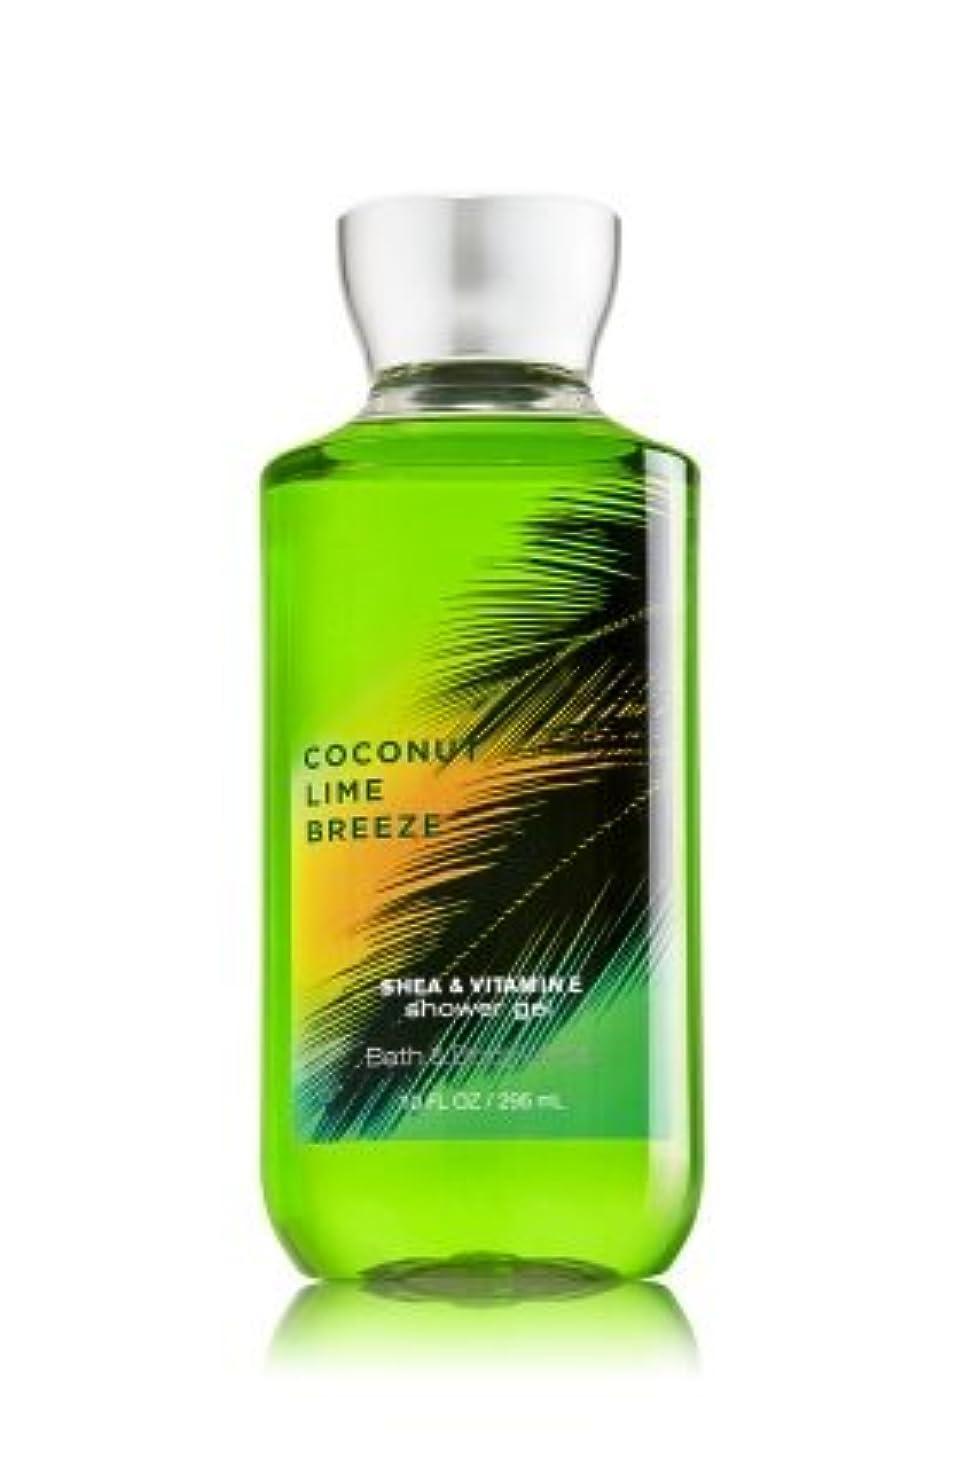 悪行生物学ウェーハ【Bath&Body Works/バス&ボディワークス】 シャワージェル ココナッツライムブリーズ Shower Gel Coconut Lime Breeze 10 fl oz / 295 mL [並行輸入品]